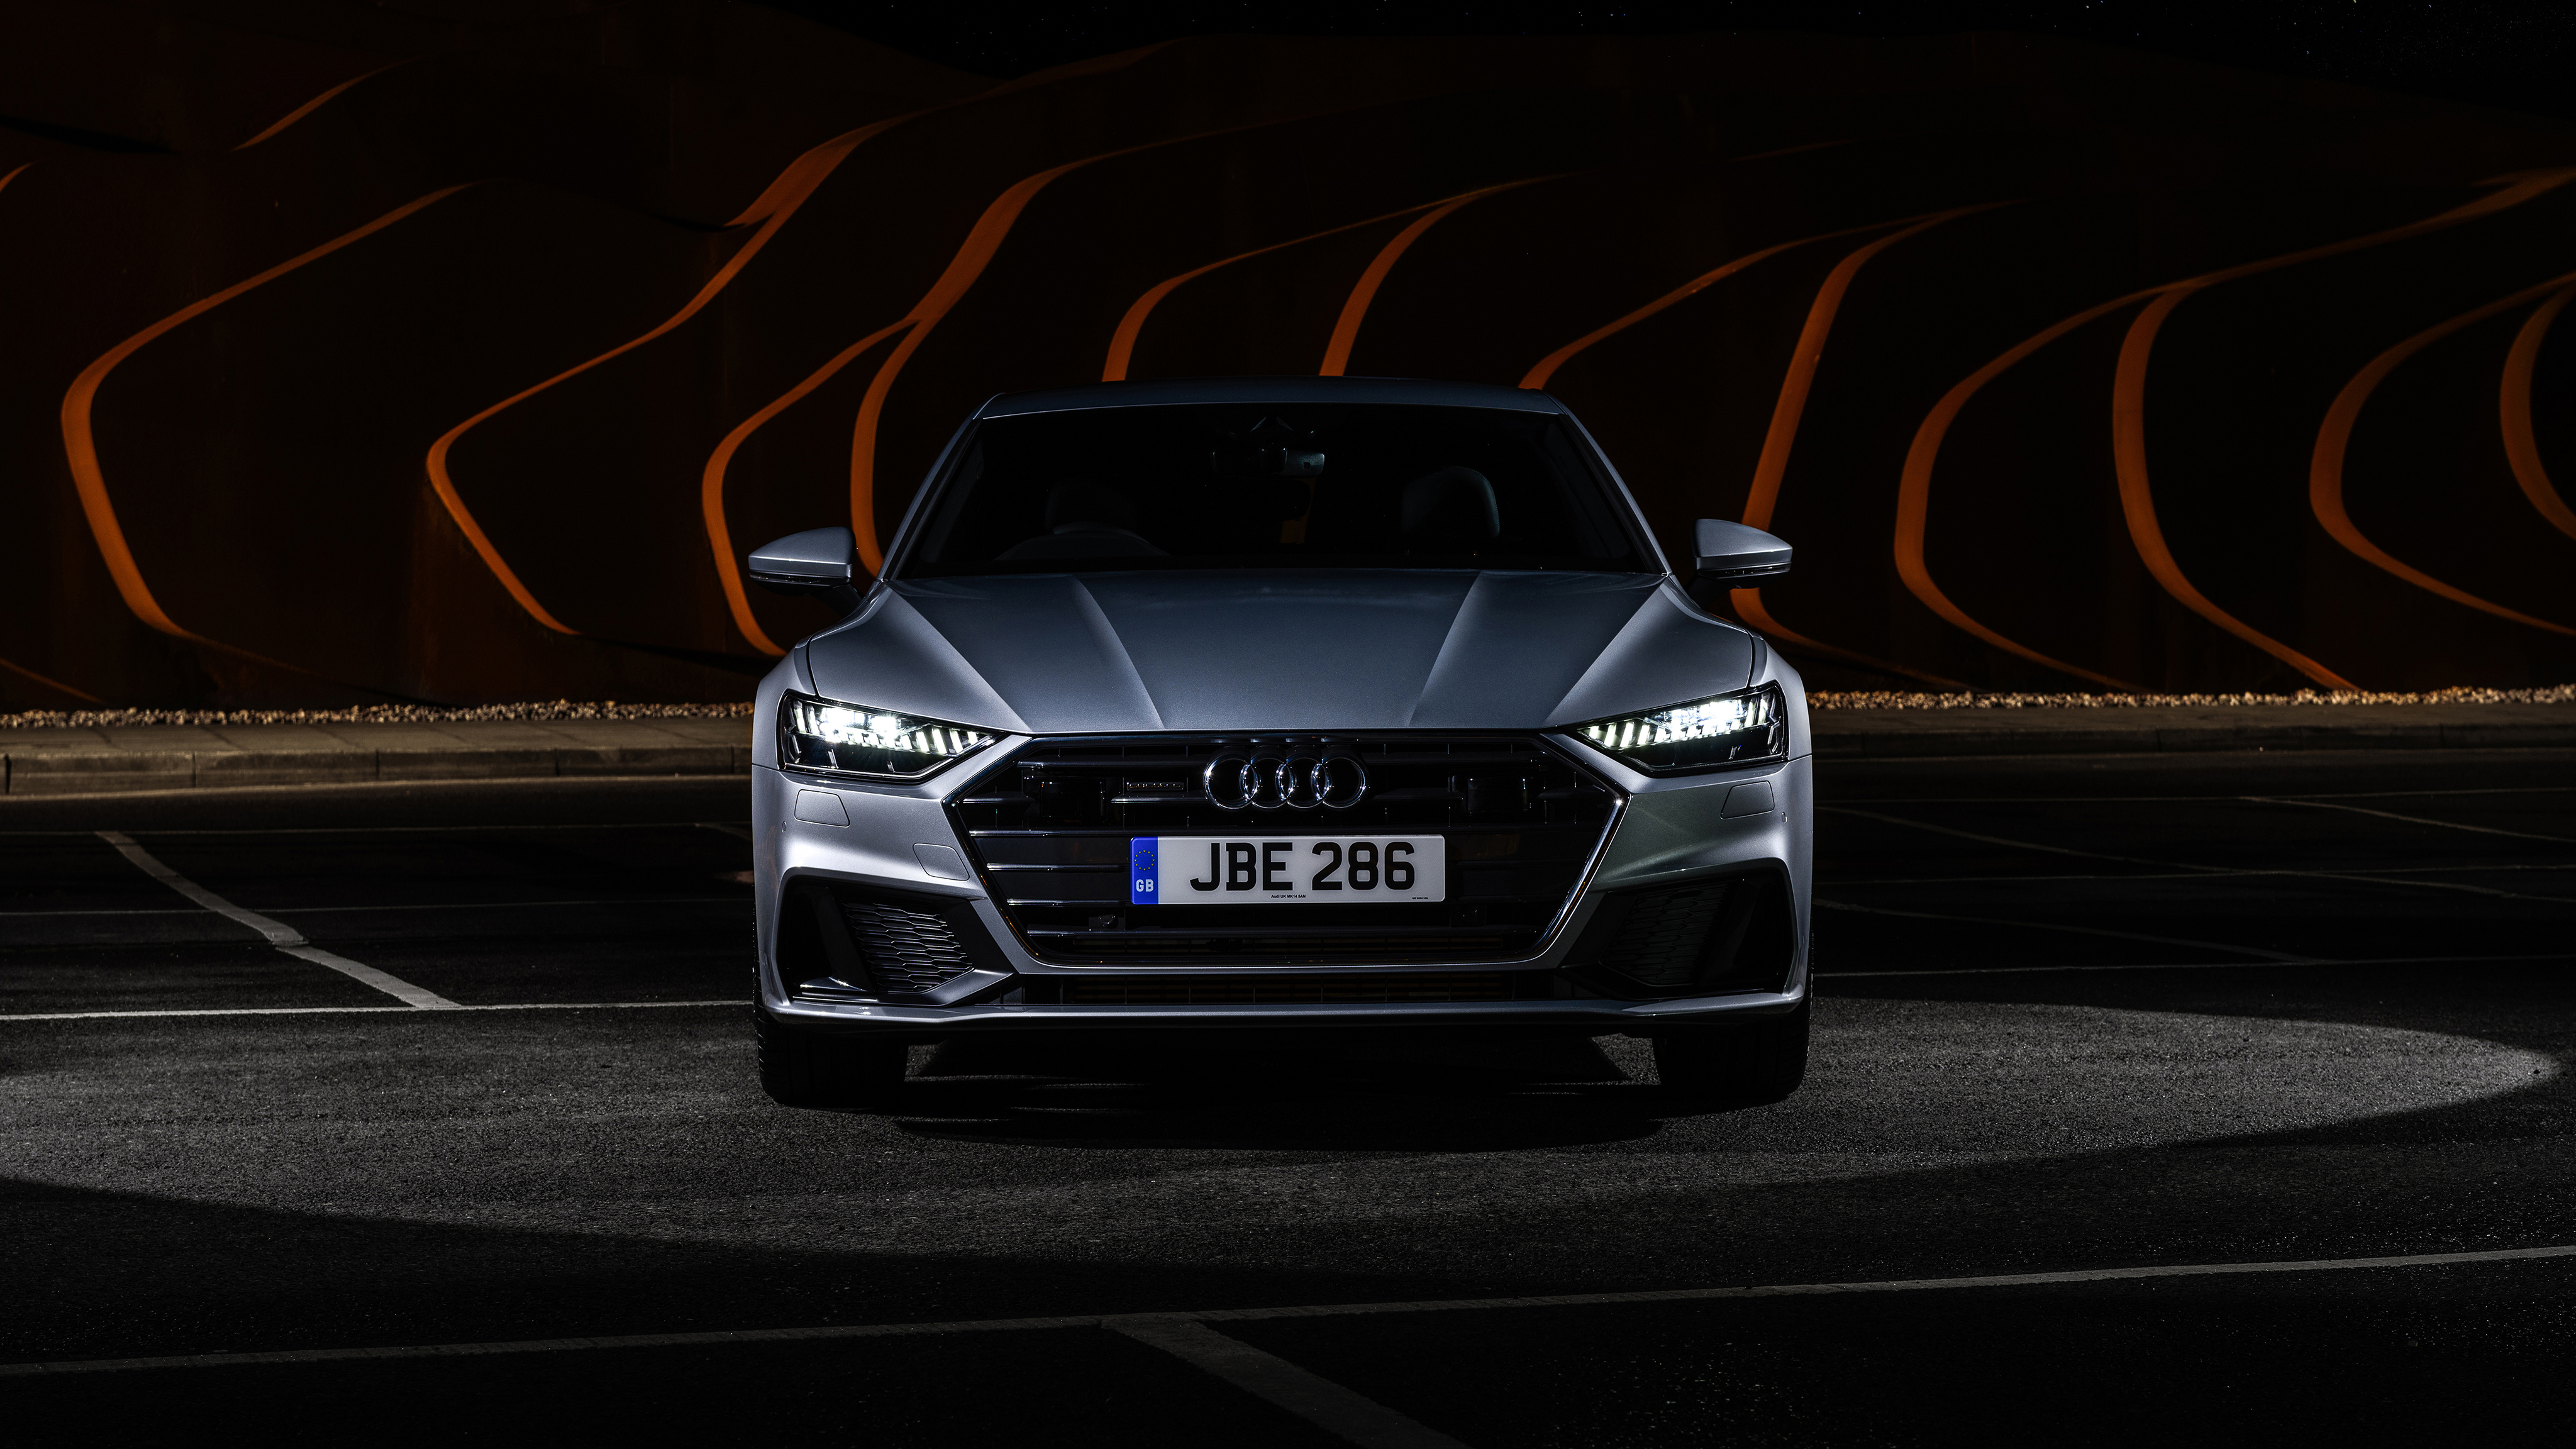 2018 Audi A7 Sportback 50 Tdi Quattro S Line 4k 3 Wallpaper Hd